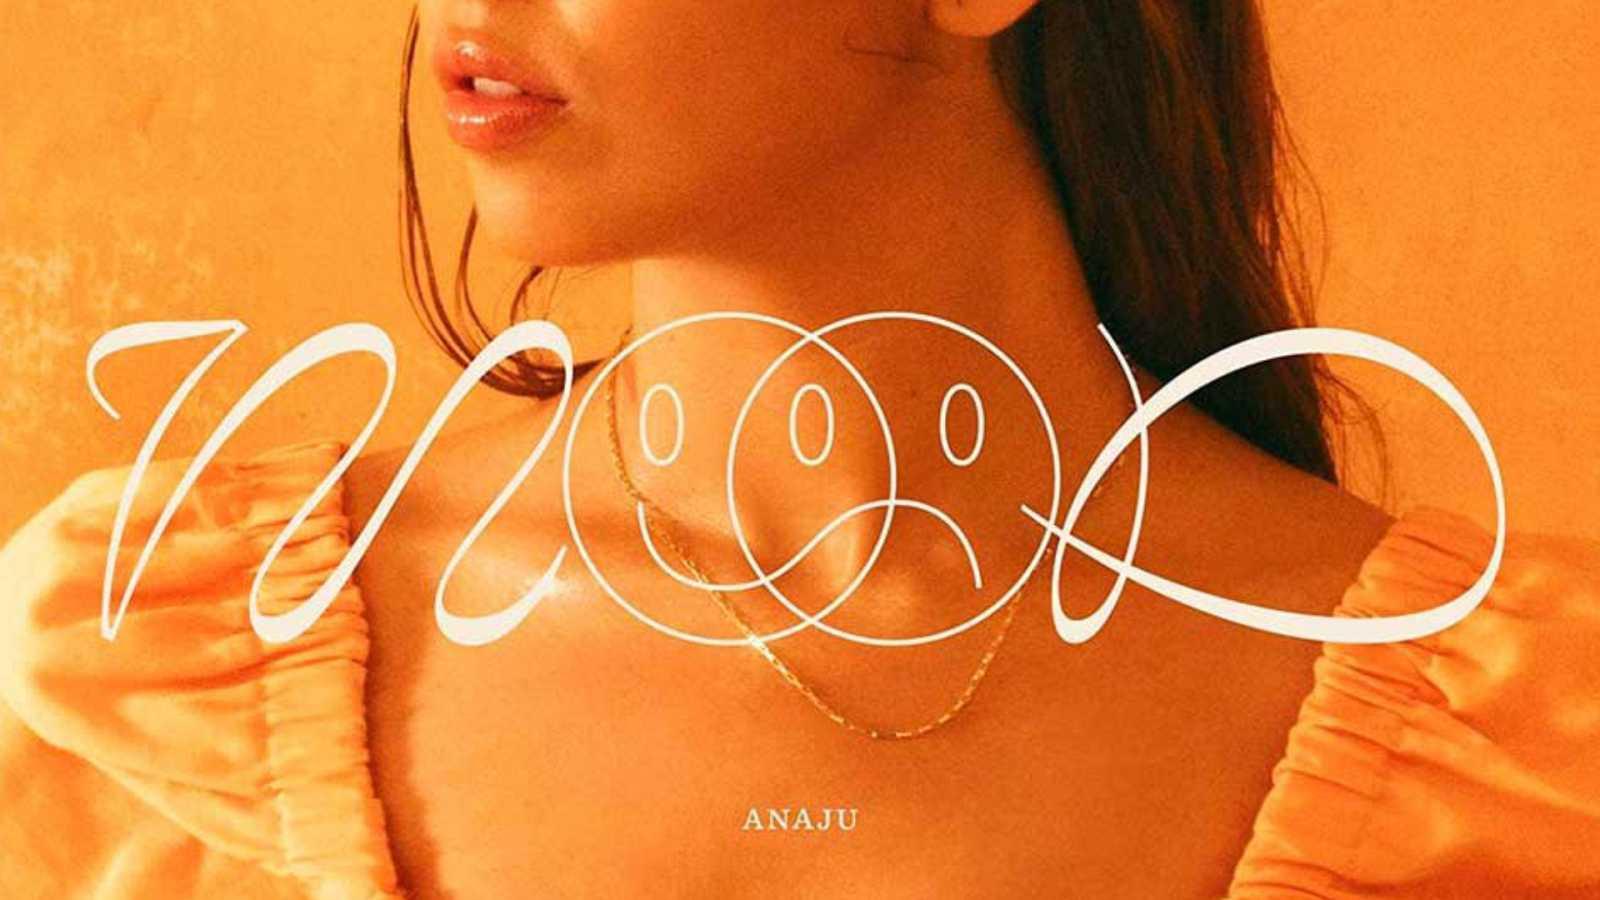 Hoy empieza todo con Marta Echeverría - El 'MOOD' de Anaju,'WHITMAN' y Virginia Woolf - 16/02/21 - escuchar ahora